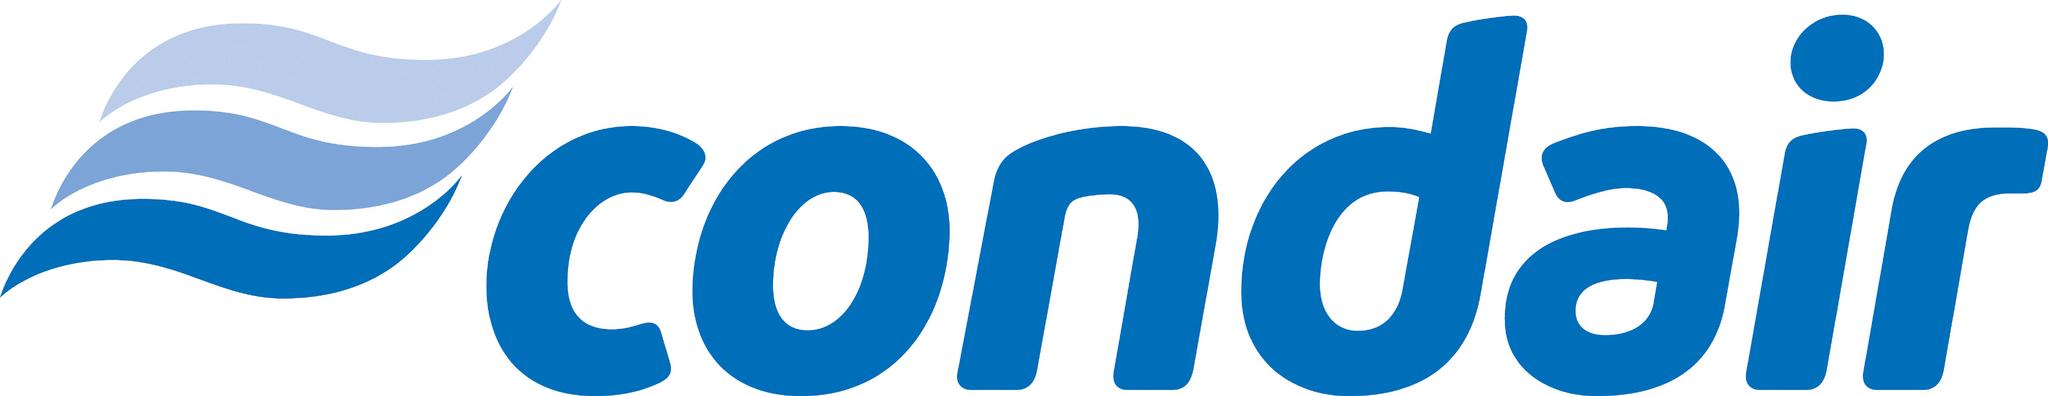 20200122-company-factory-zuerich-winterthur-2020-logo-condair